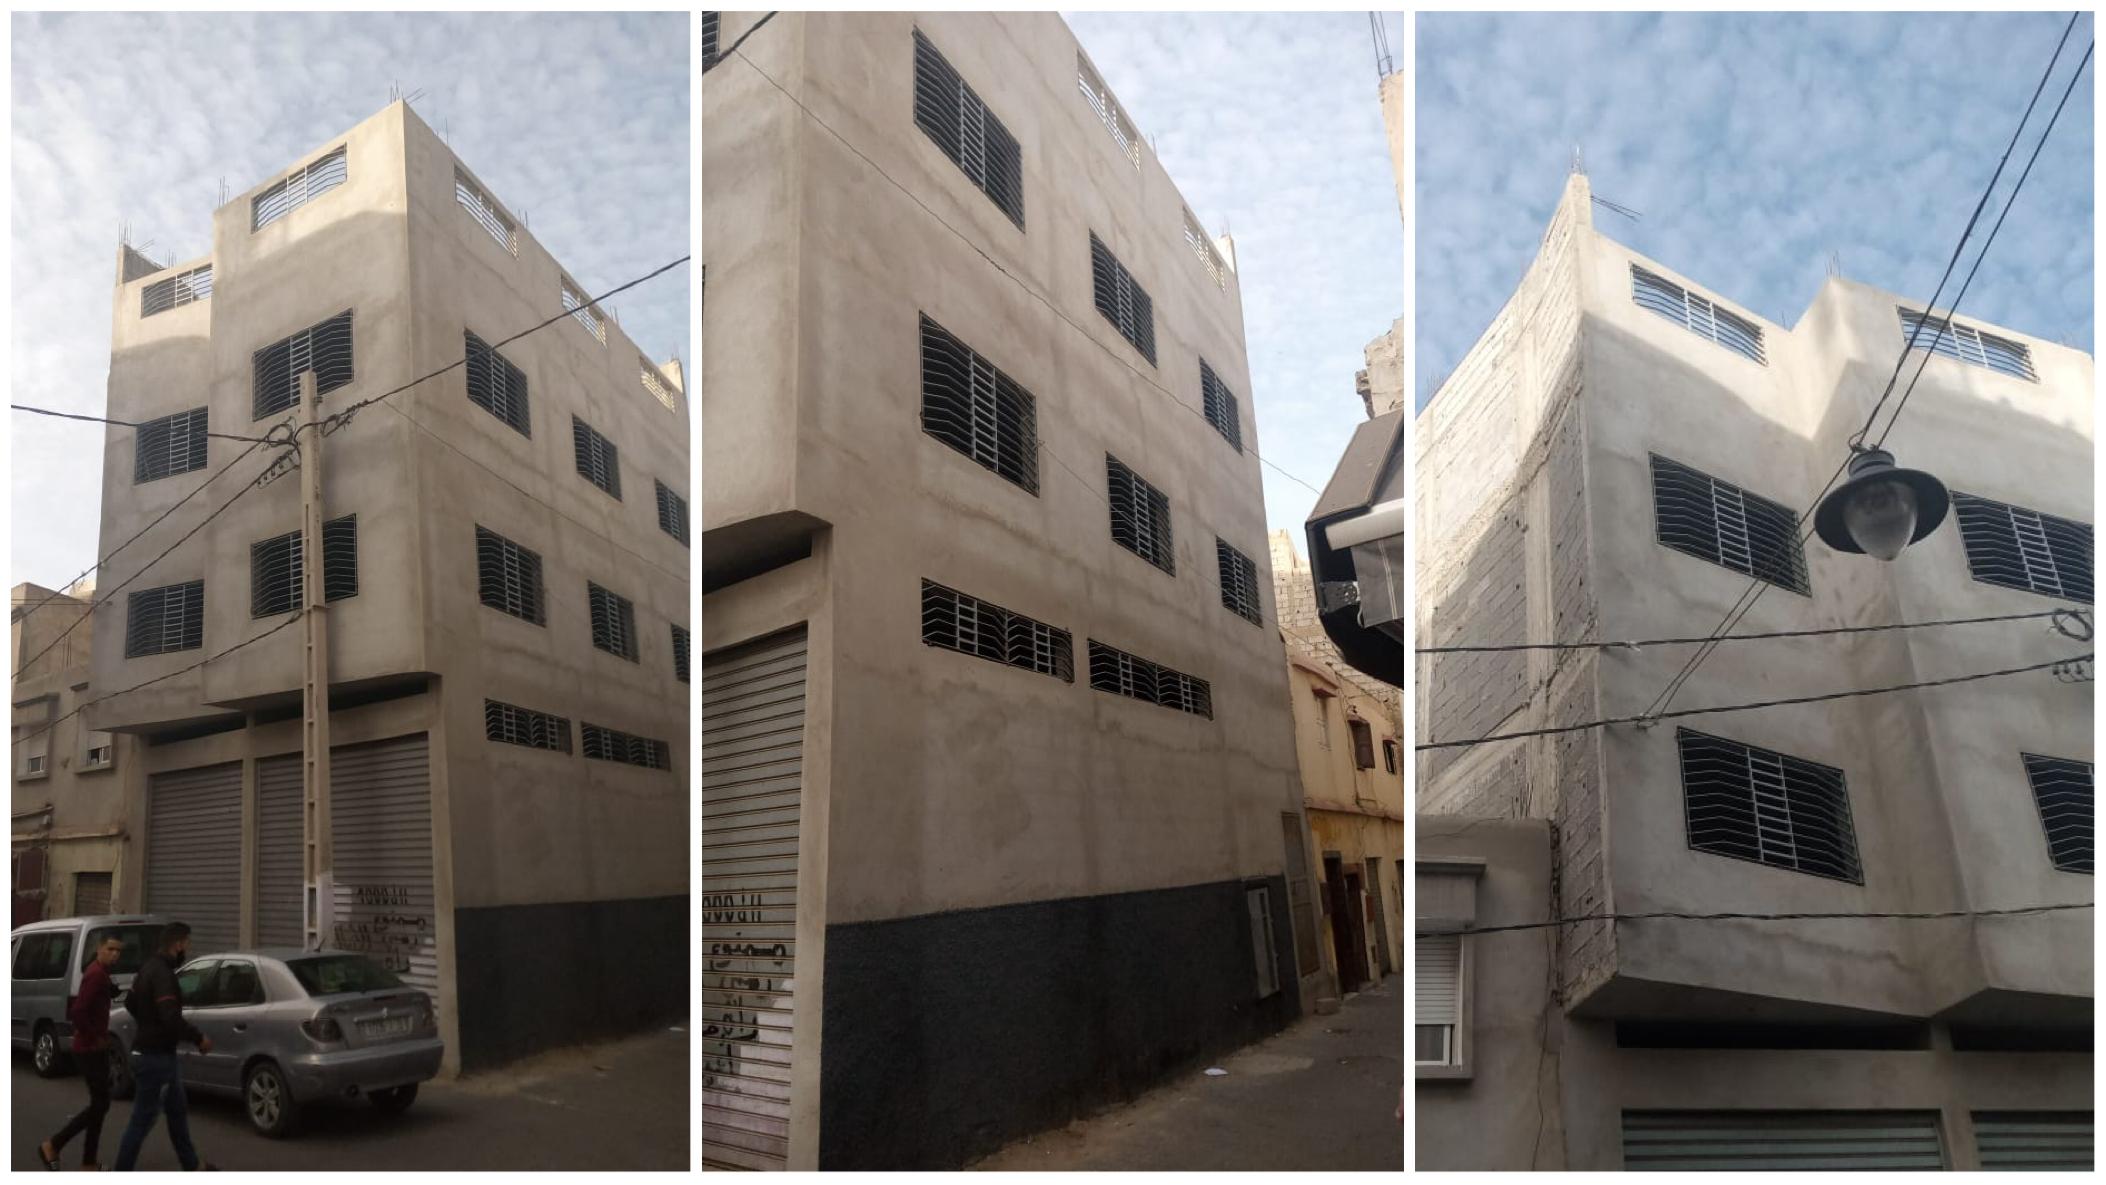 صورة رفض المحافظة العقارية يفضح صرحا معماريا مشبوها بإنزكان